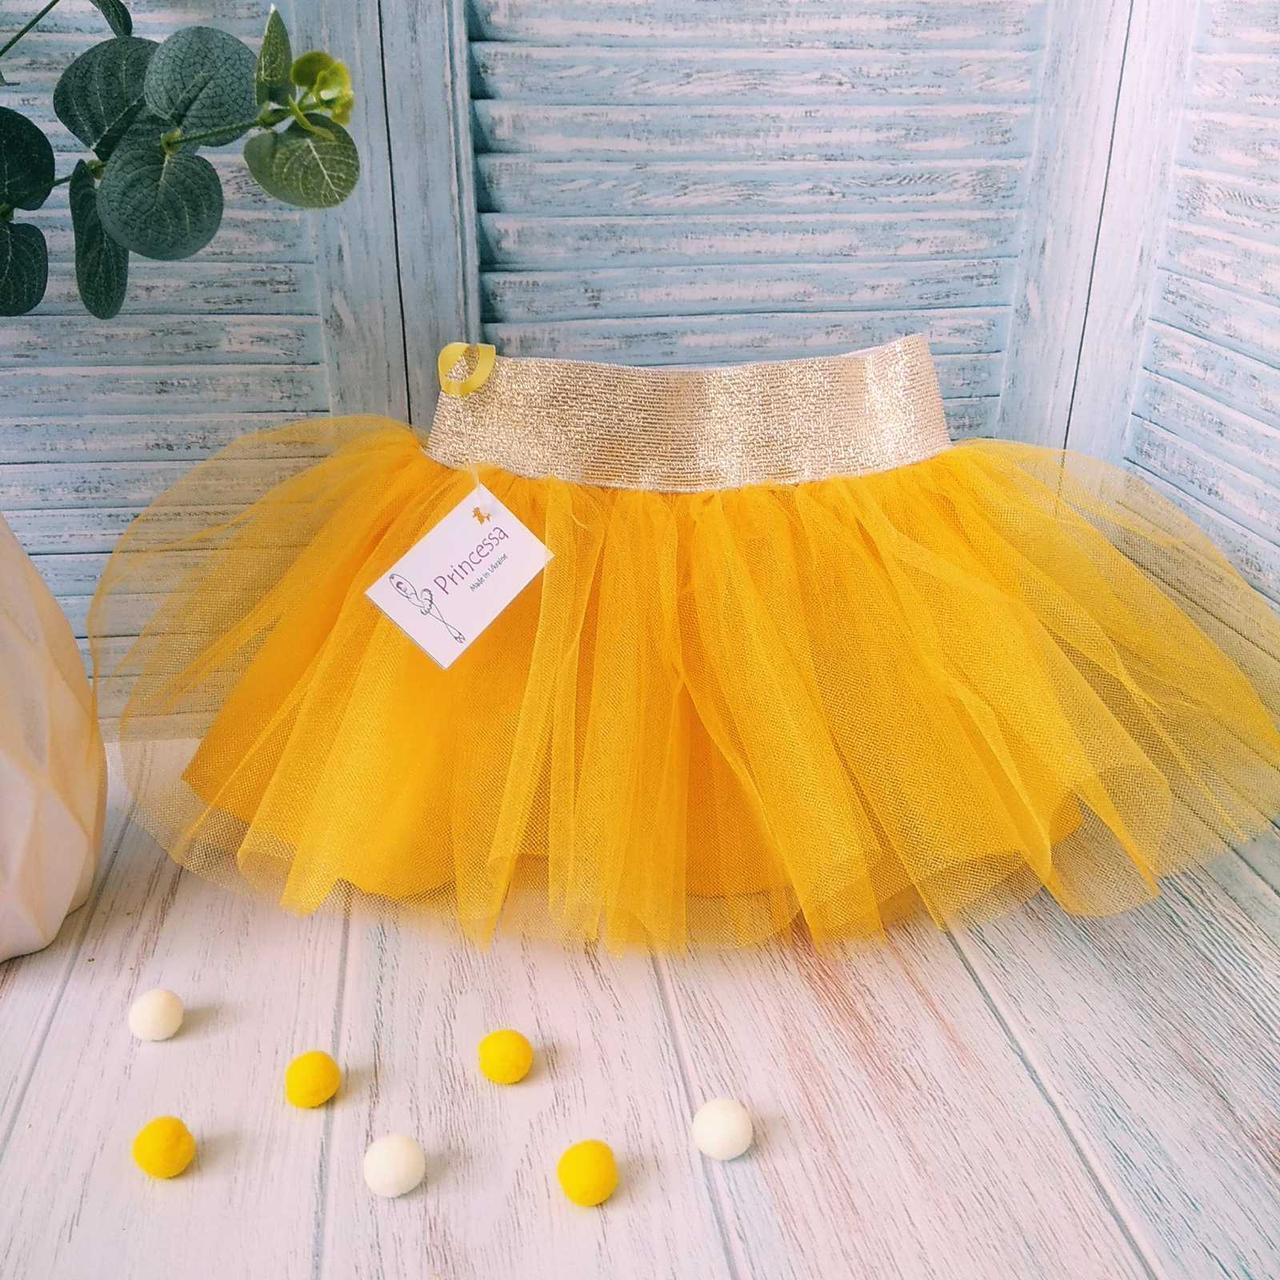 Юбка детская пышная фатиновая желтого цвета с золотистым поясом. Любой размер и цвет.